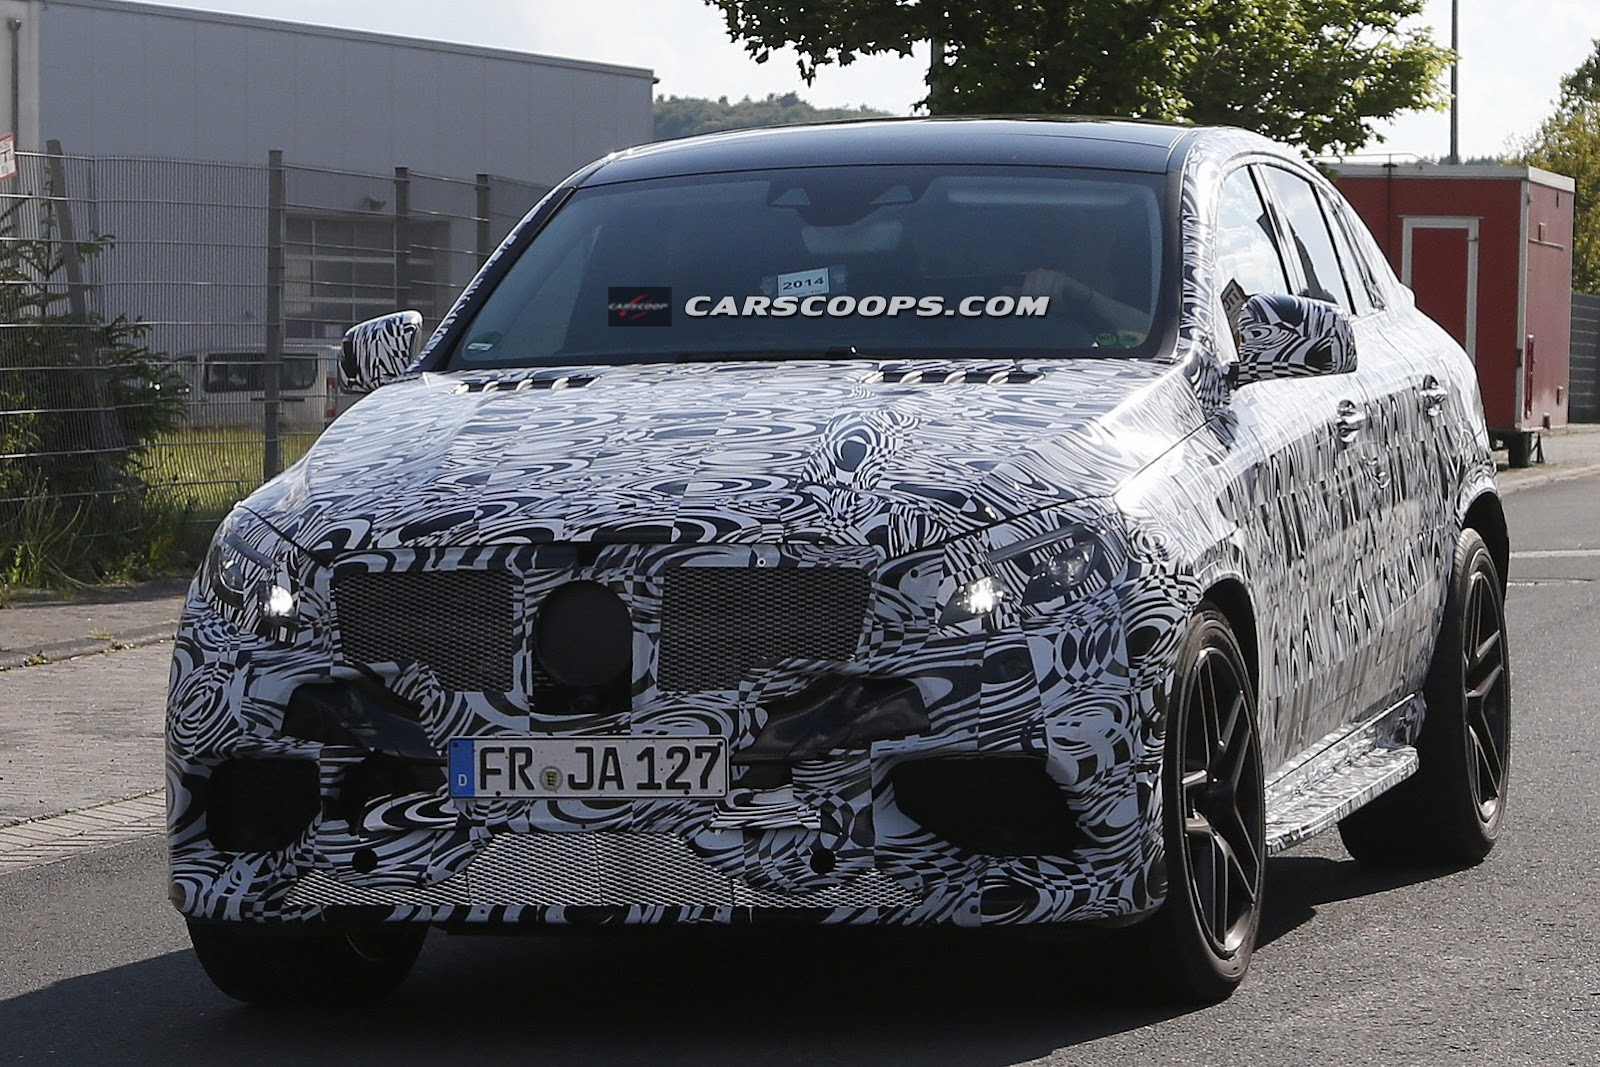 2015 - [Mercedes] GLE Coupé [C292] - Page 4 Mercedes-MLC-63-AMG-5%25255B3%25255D